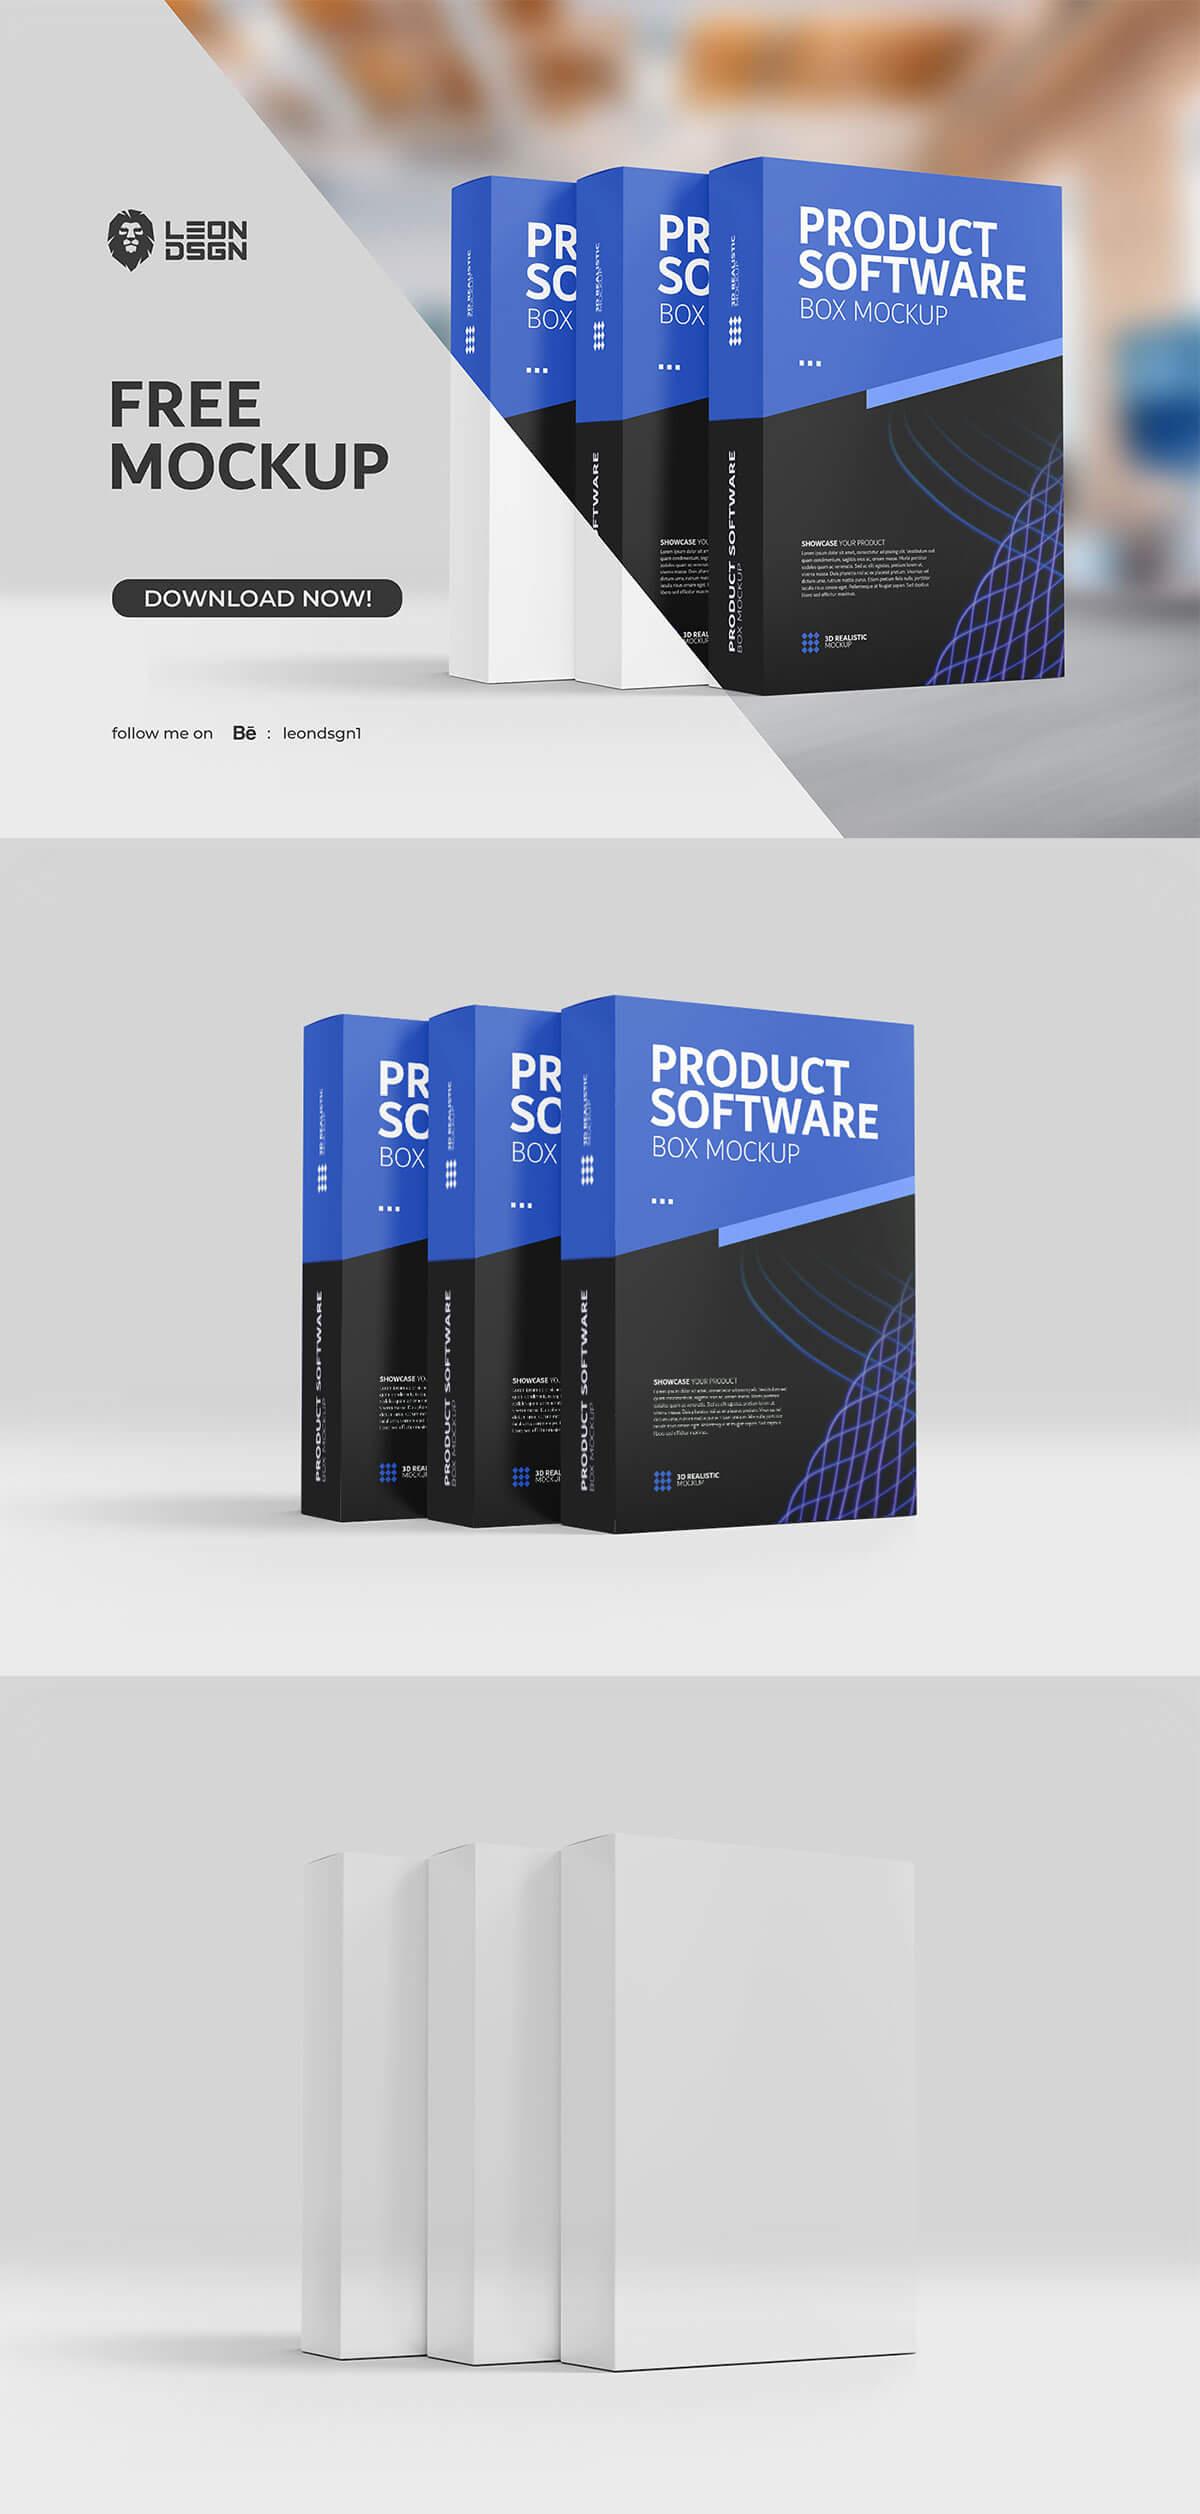 Free Product Software Box Mockup